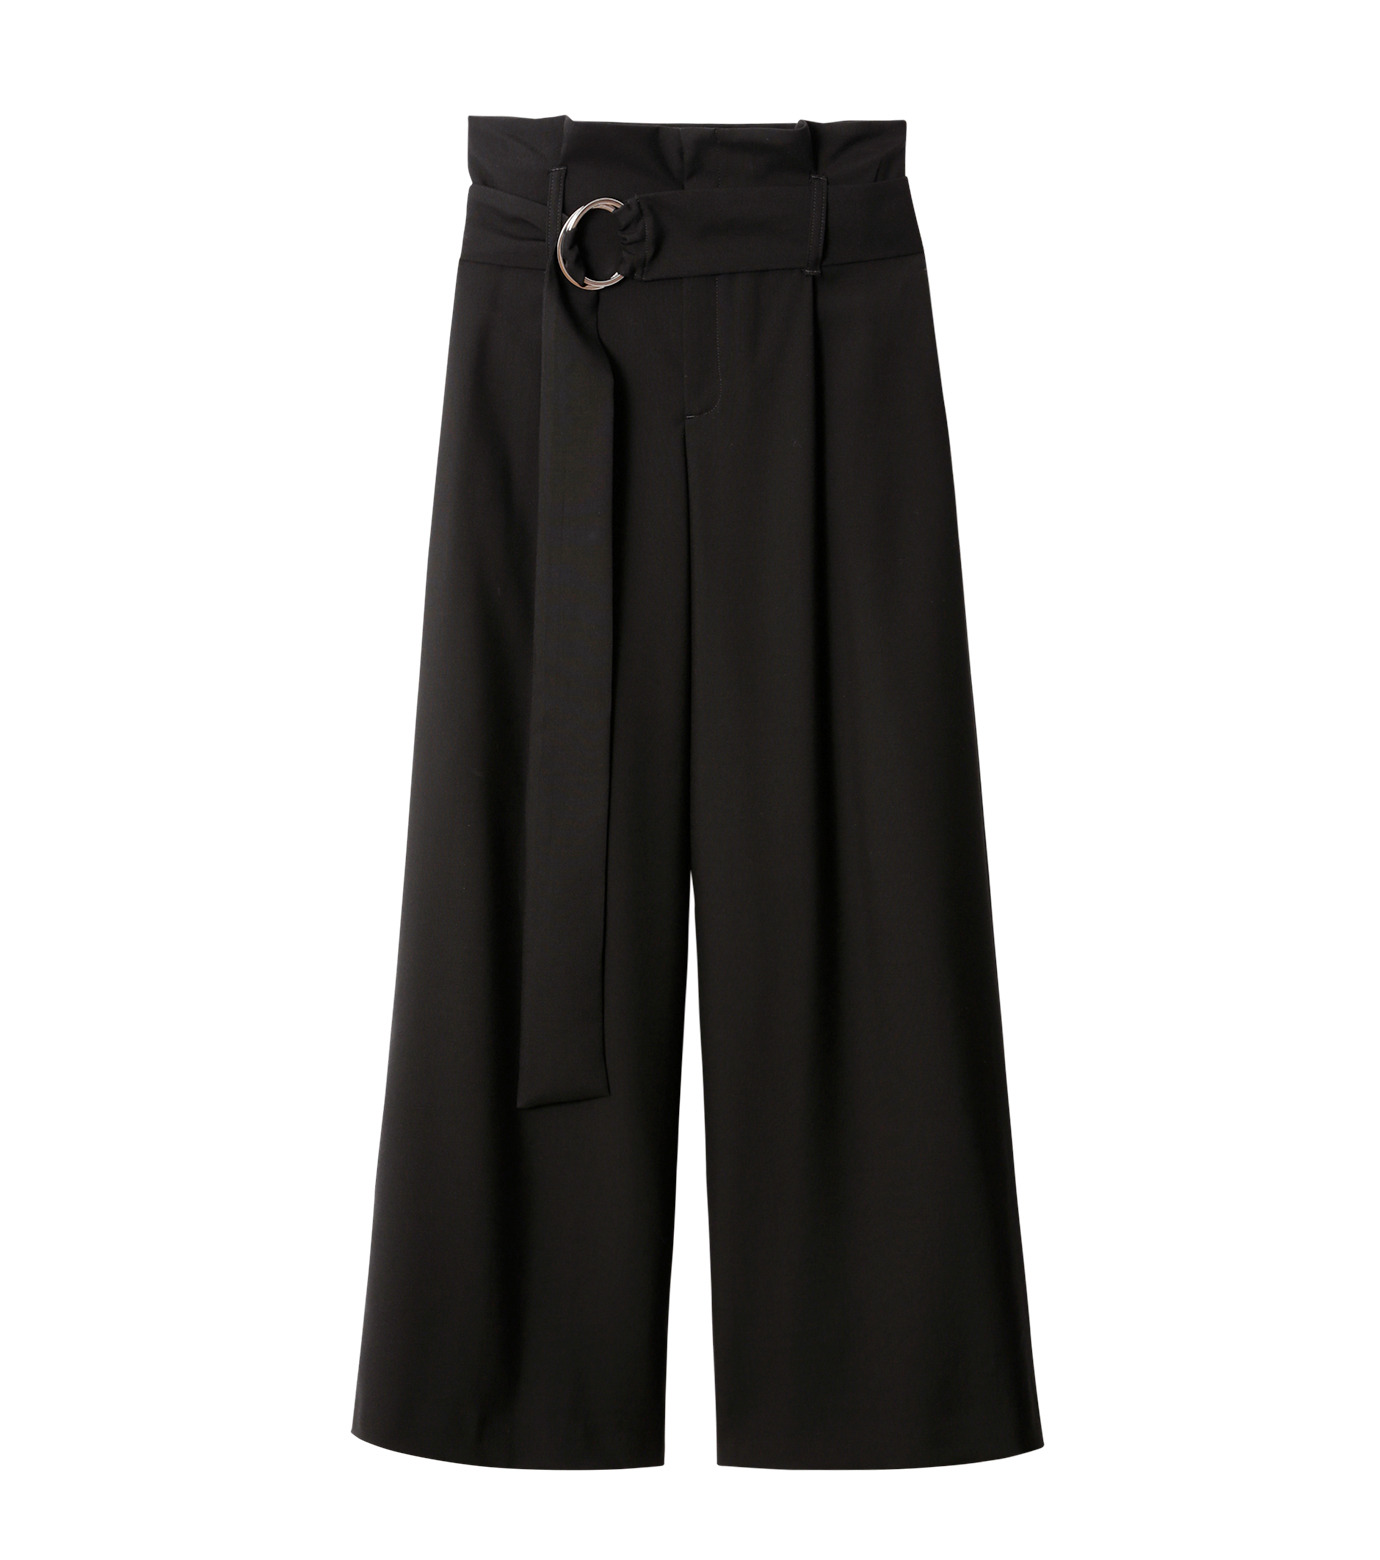 LE CIEL BLEU(ルシェルブルー)のベルトハイウエストパンツ-BLACK(パンツ/pants)-18A68408 拡大詳細画像4